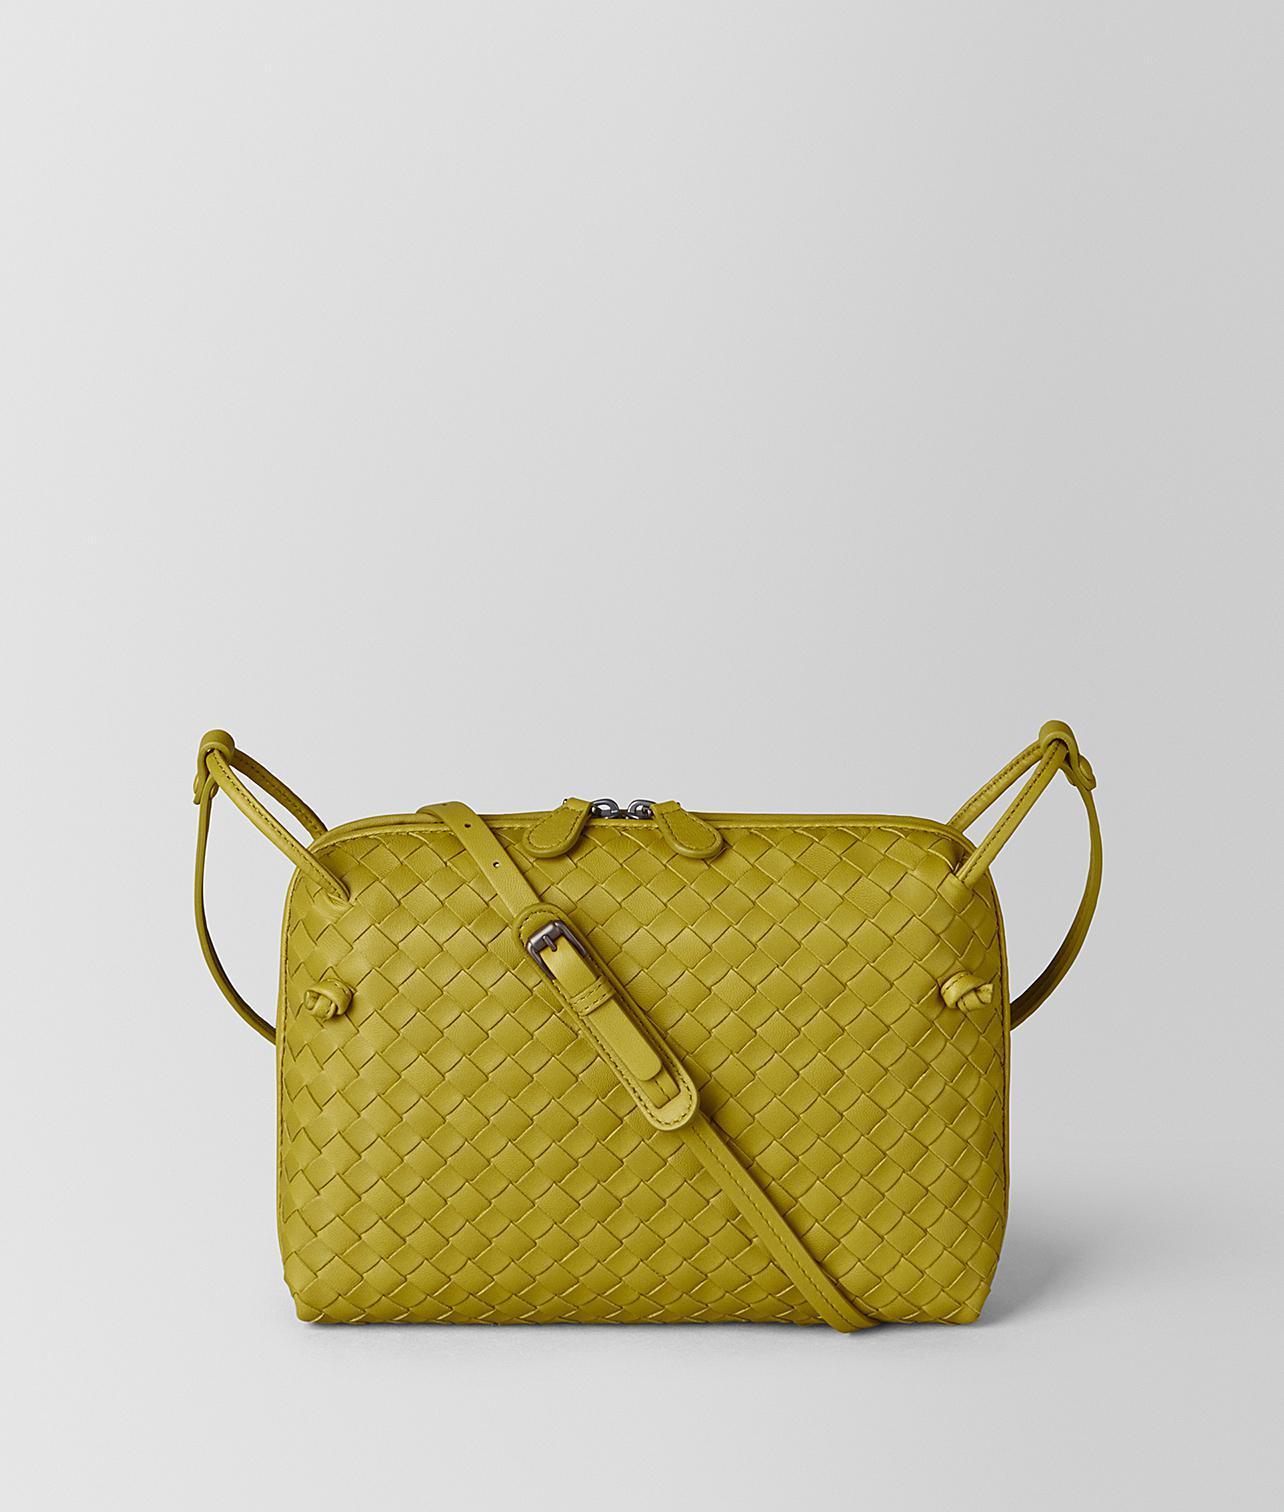 2f74058832e2 Bottega Veneta - Multicolor Nero Intrecciato Nappa Leather Nodini Bag - Lyst